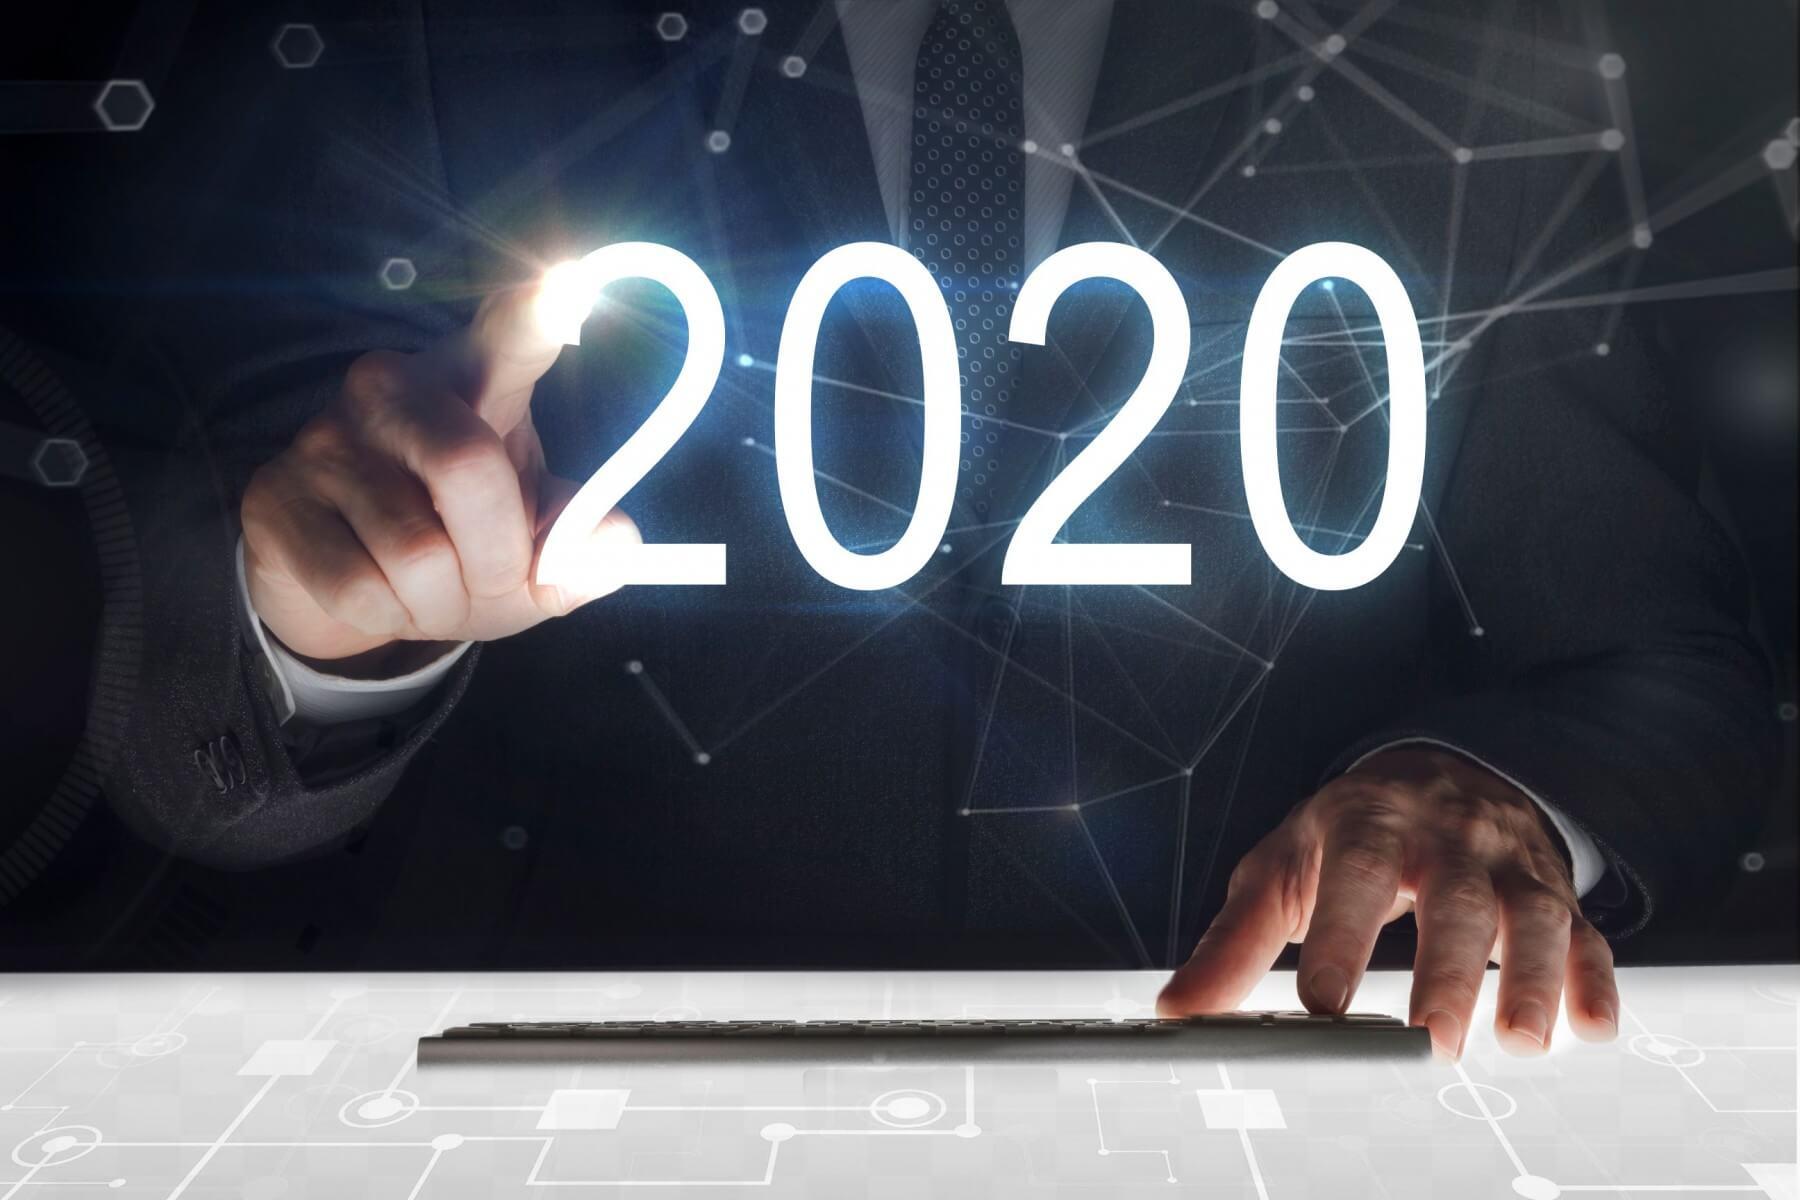 Thị trường IT 2020: Việt Nam sẽ trở thành cường quốc công nghệ?